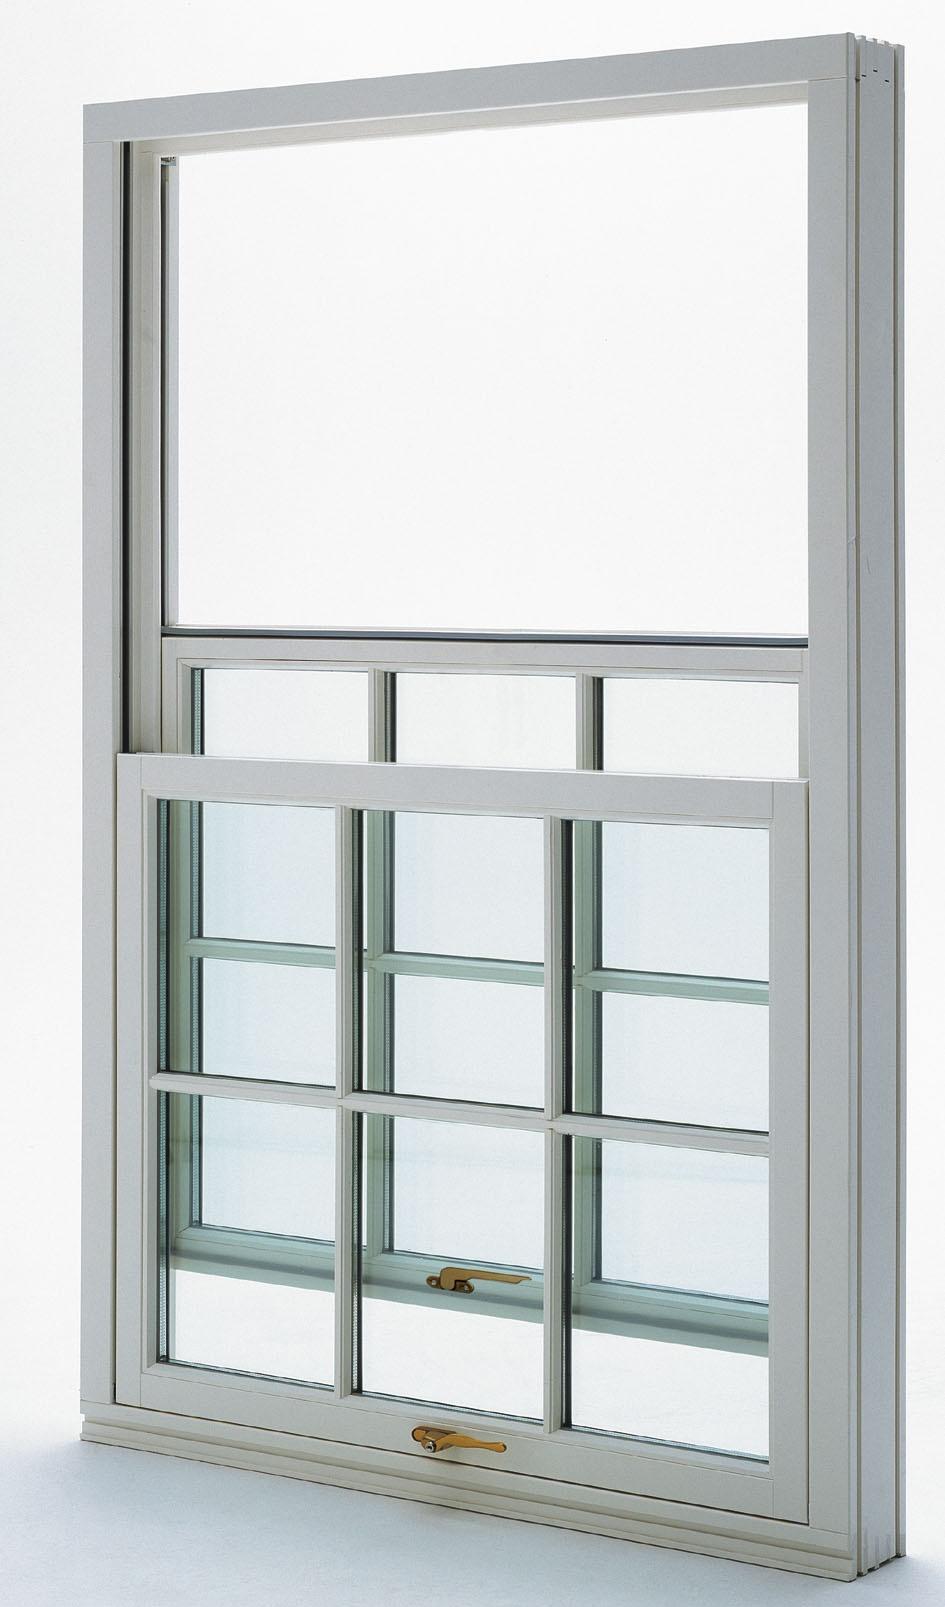 slide window holz vertikal schiebefenster. Black Bedroom Furniture Sets. Home Design Ideas